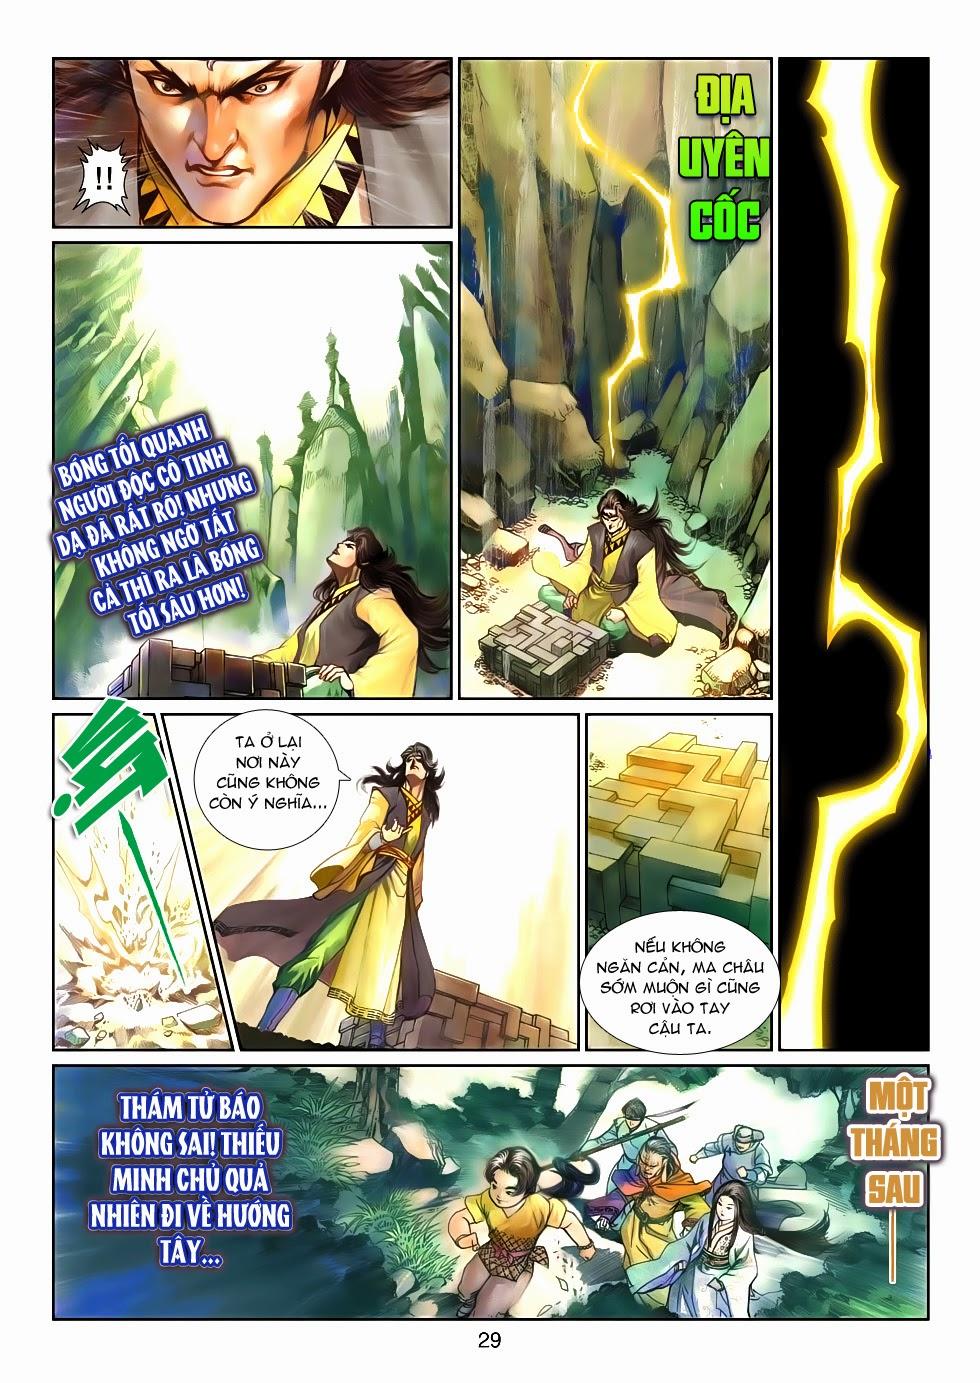 Thần Binh Tiền Truyện 4 - Huyền Thiên Tà Đế chap 10 - Trang 29